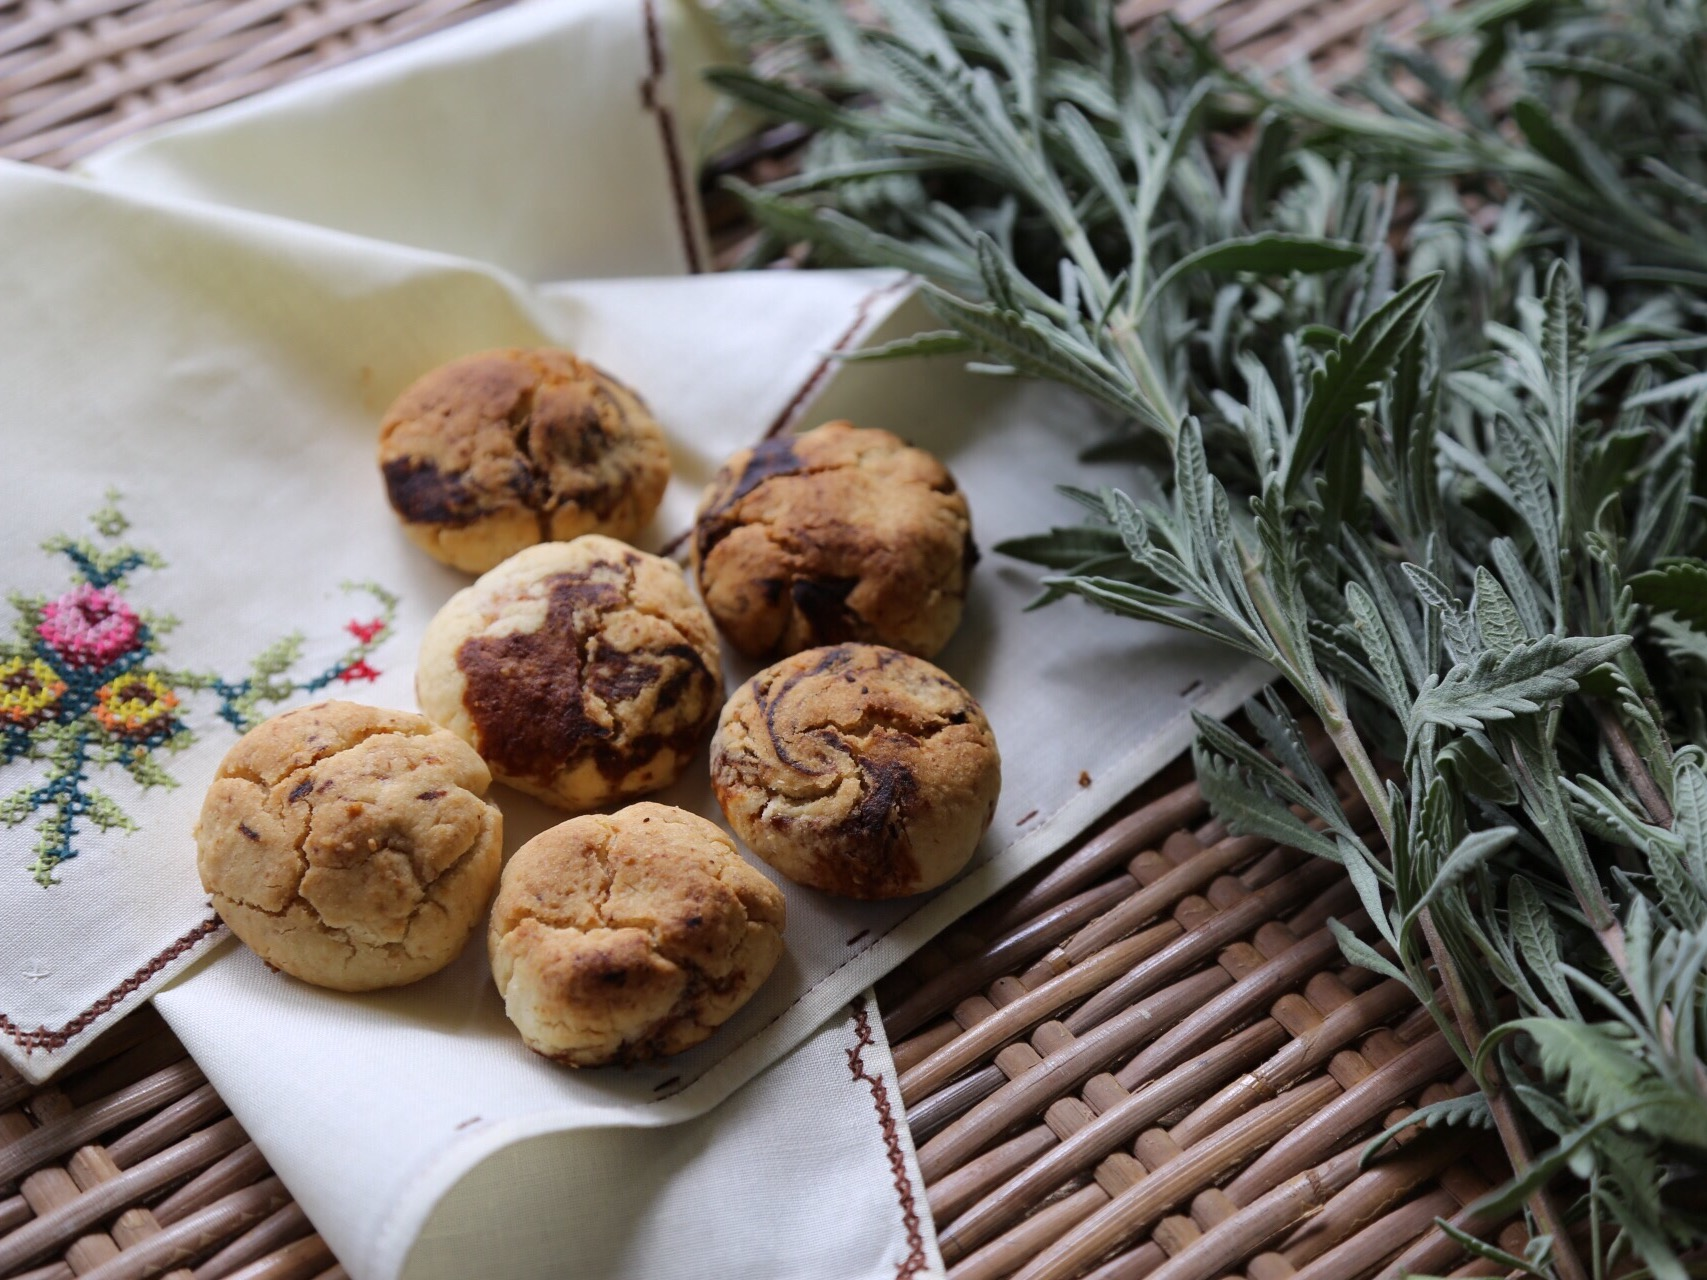 biscotti_con_fichi_secchi_e_mandorle